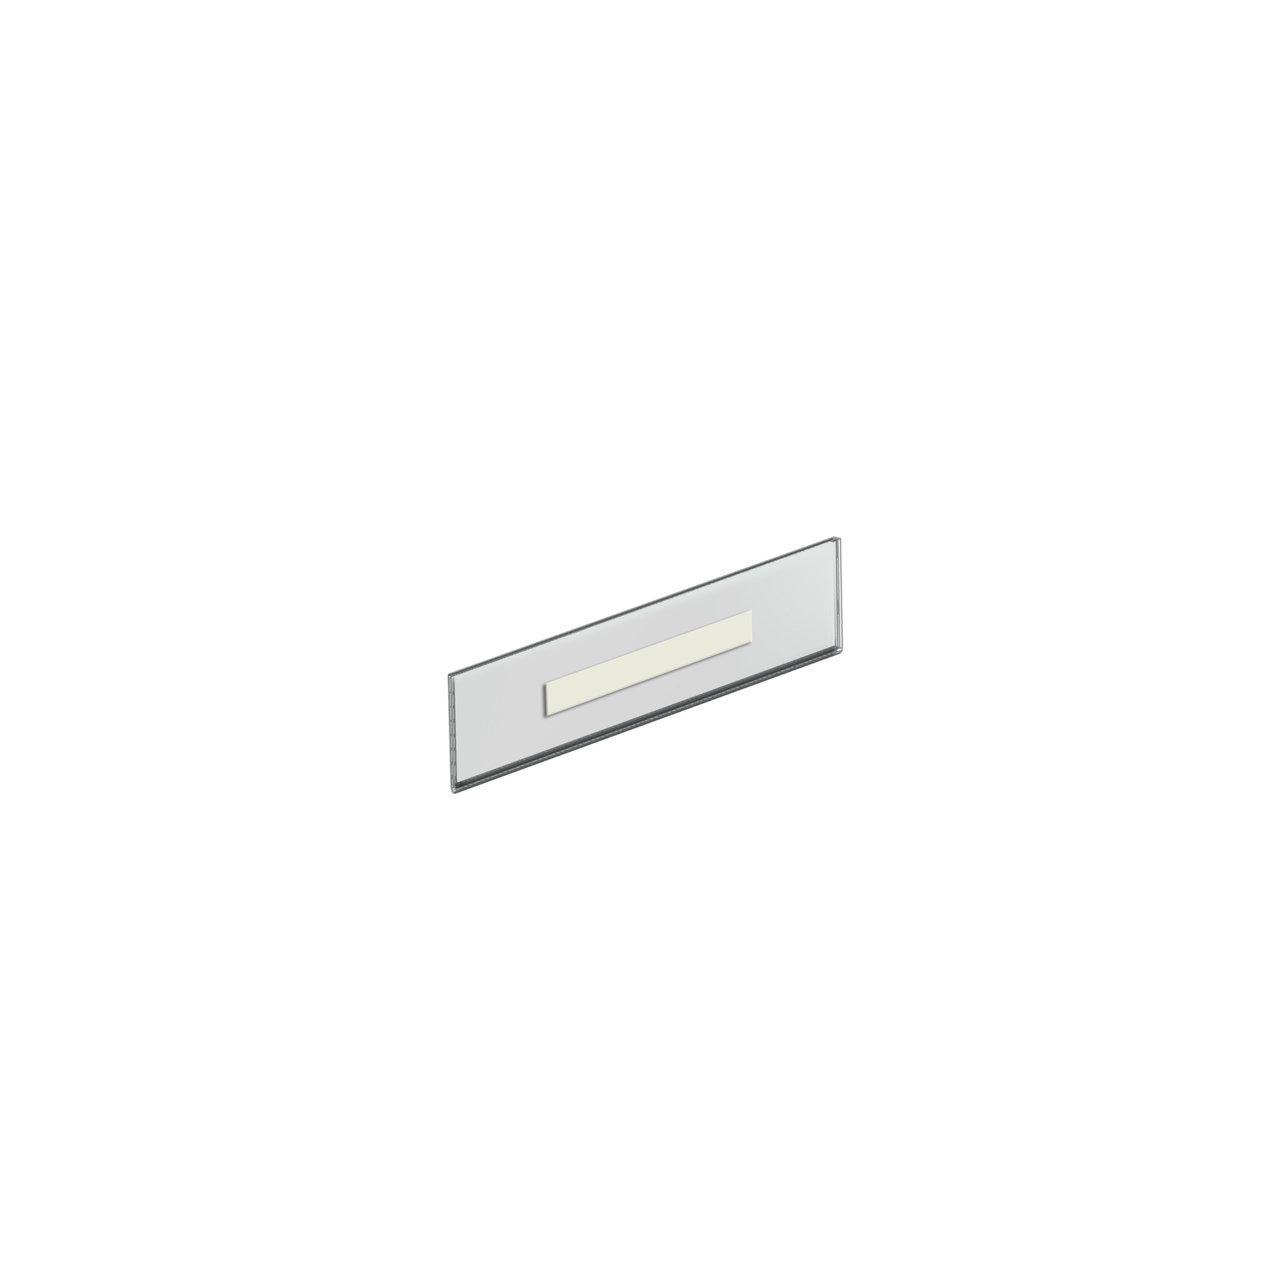 """Azar Nameplate Holder, 2.5"""" x 8.5"""", Clear Acrylic, 10/Pack"""